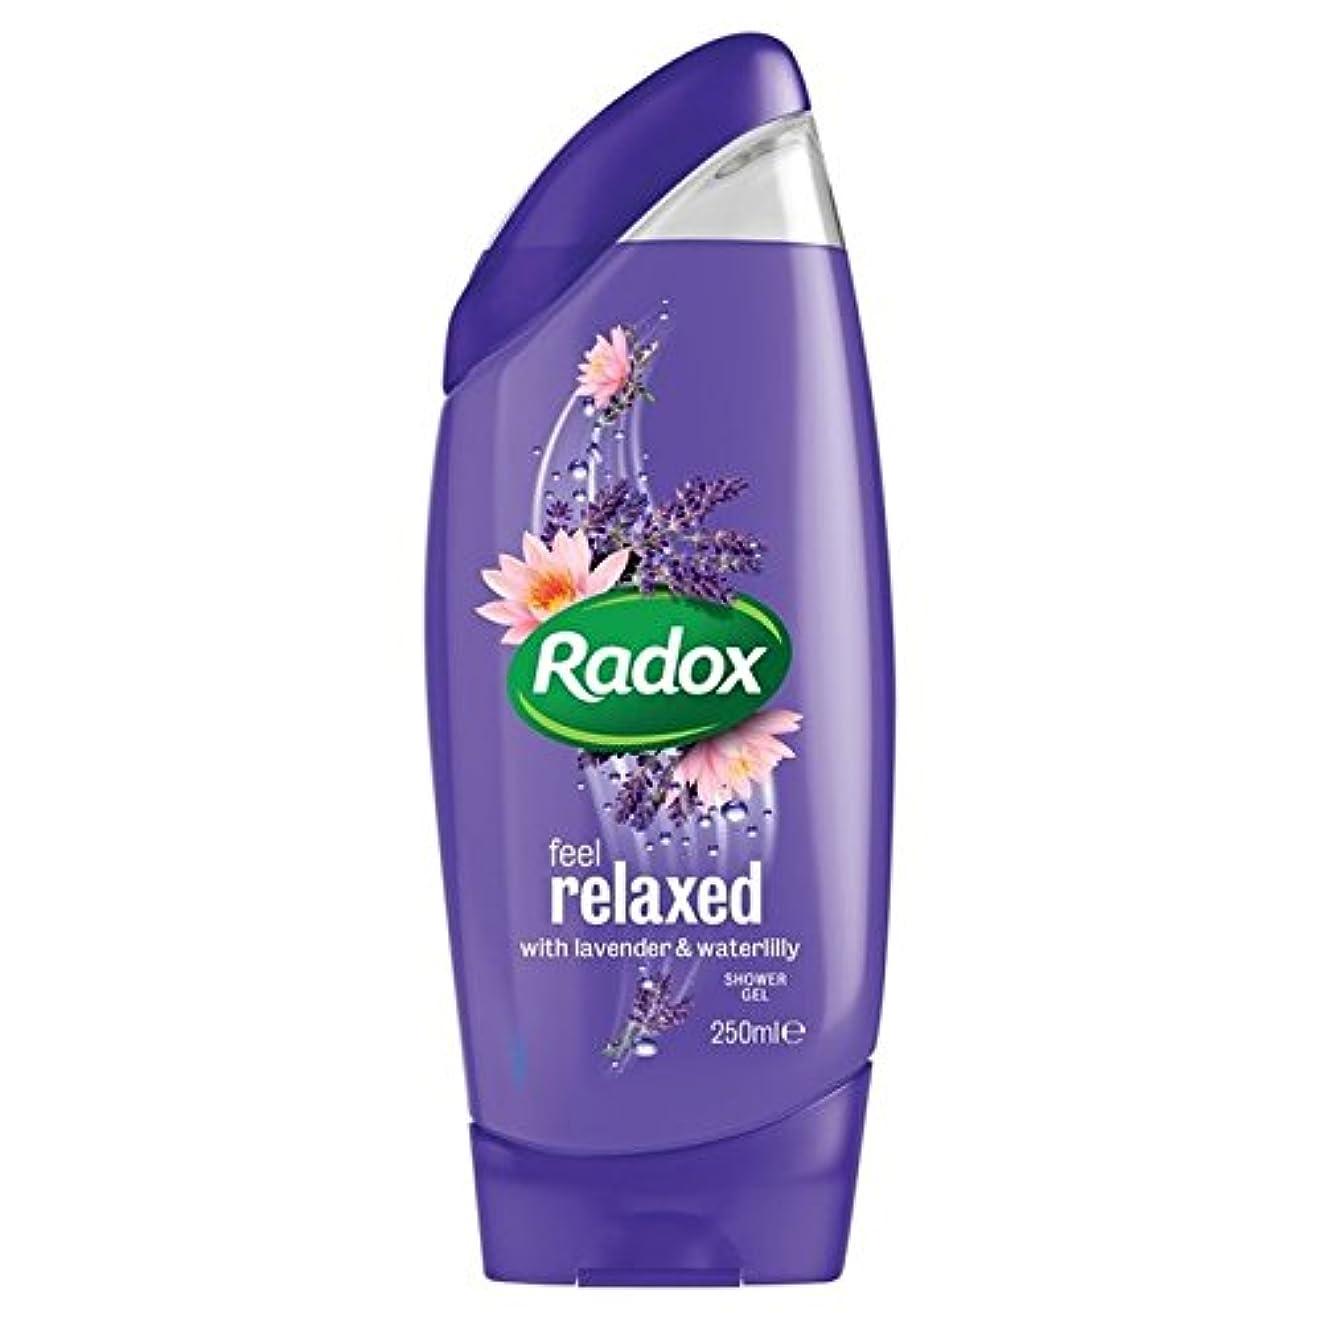 タイピスト慈悲必要条件はリラックスシャワージェル250ミリリットルを感じます x2 - Radox Feel Relaxed Shower Gel 250ml (Pack of 2) [並行輸入品]